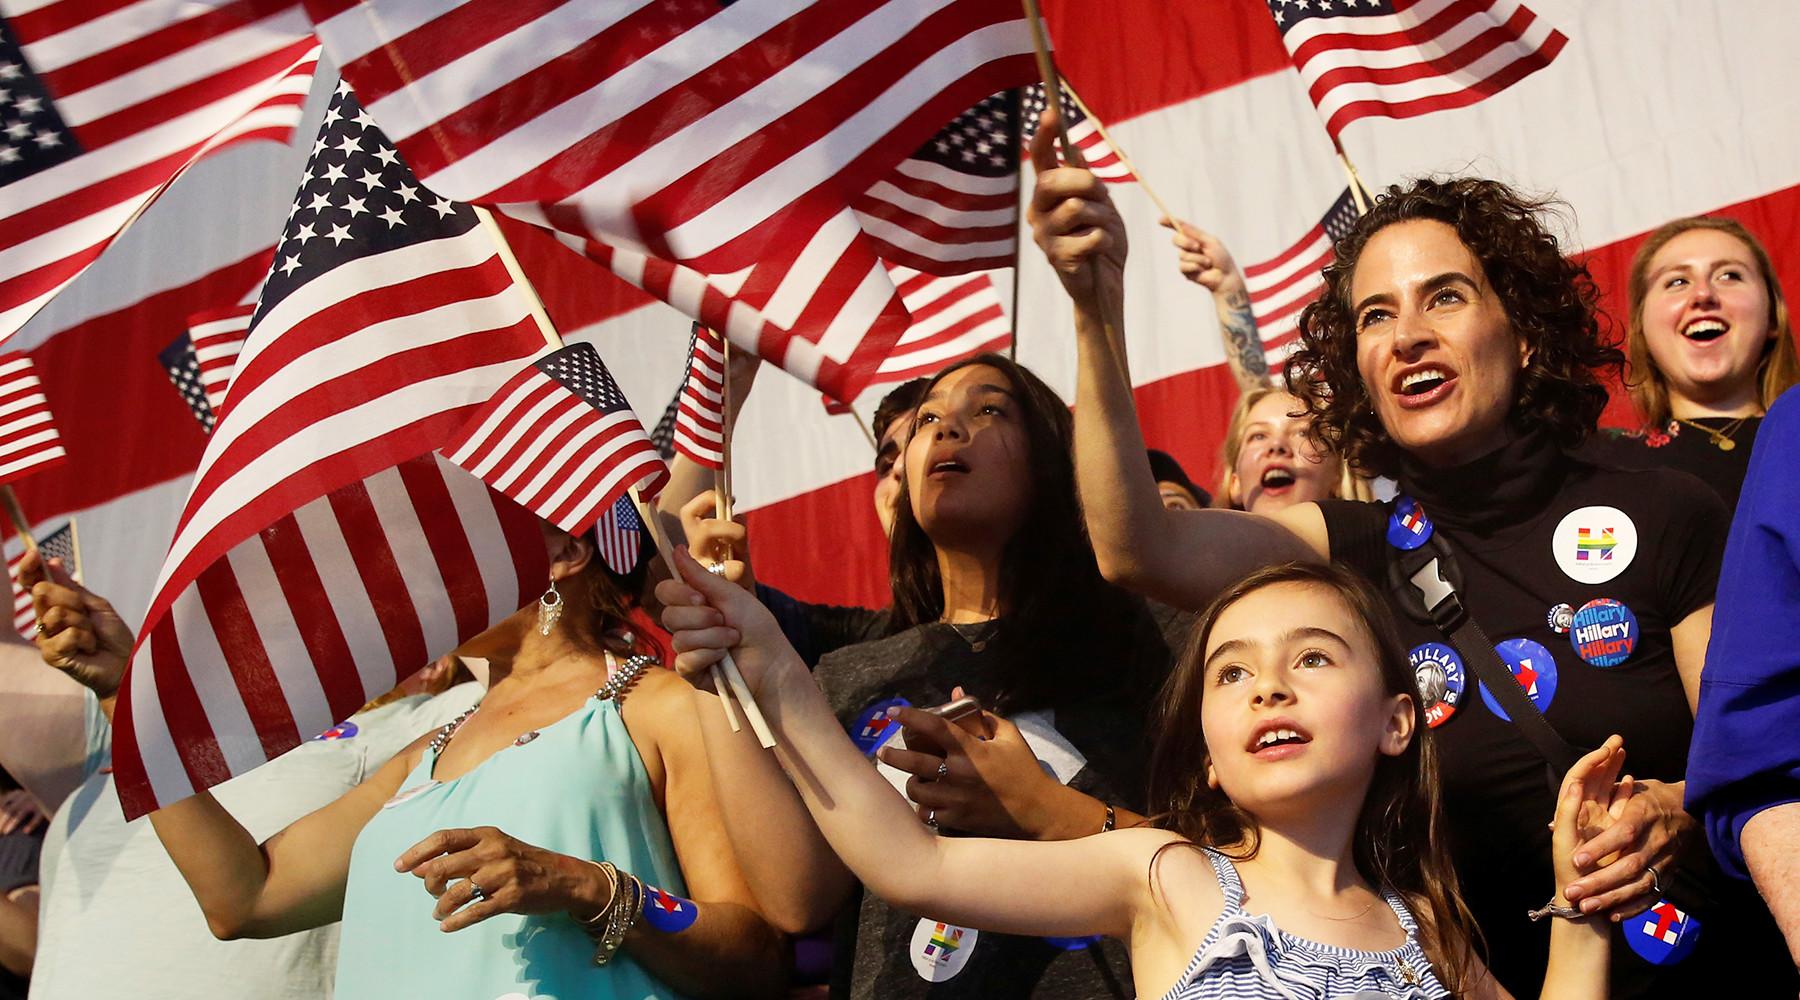 60% американцев считают, что члены конгресса продают свои голоса